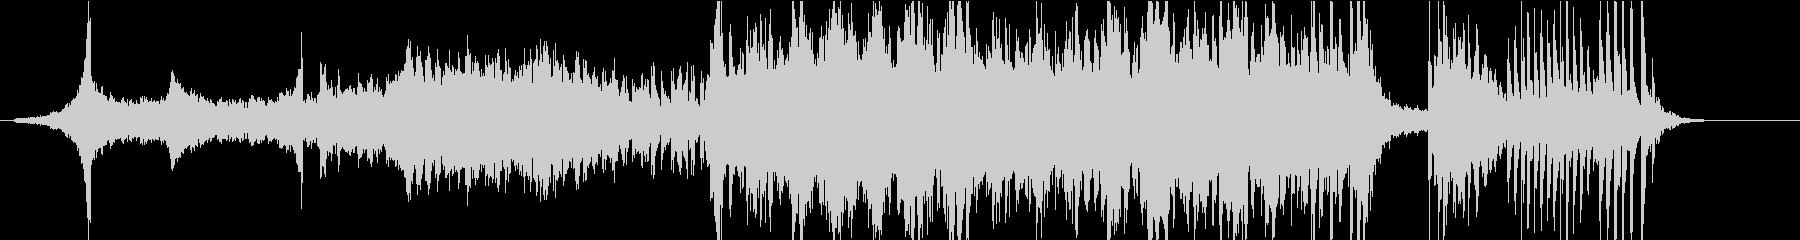 幻想的なシンセとピアノのアンビエント風の未再生の波形